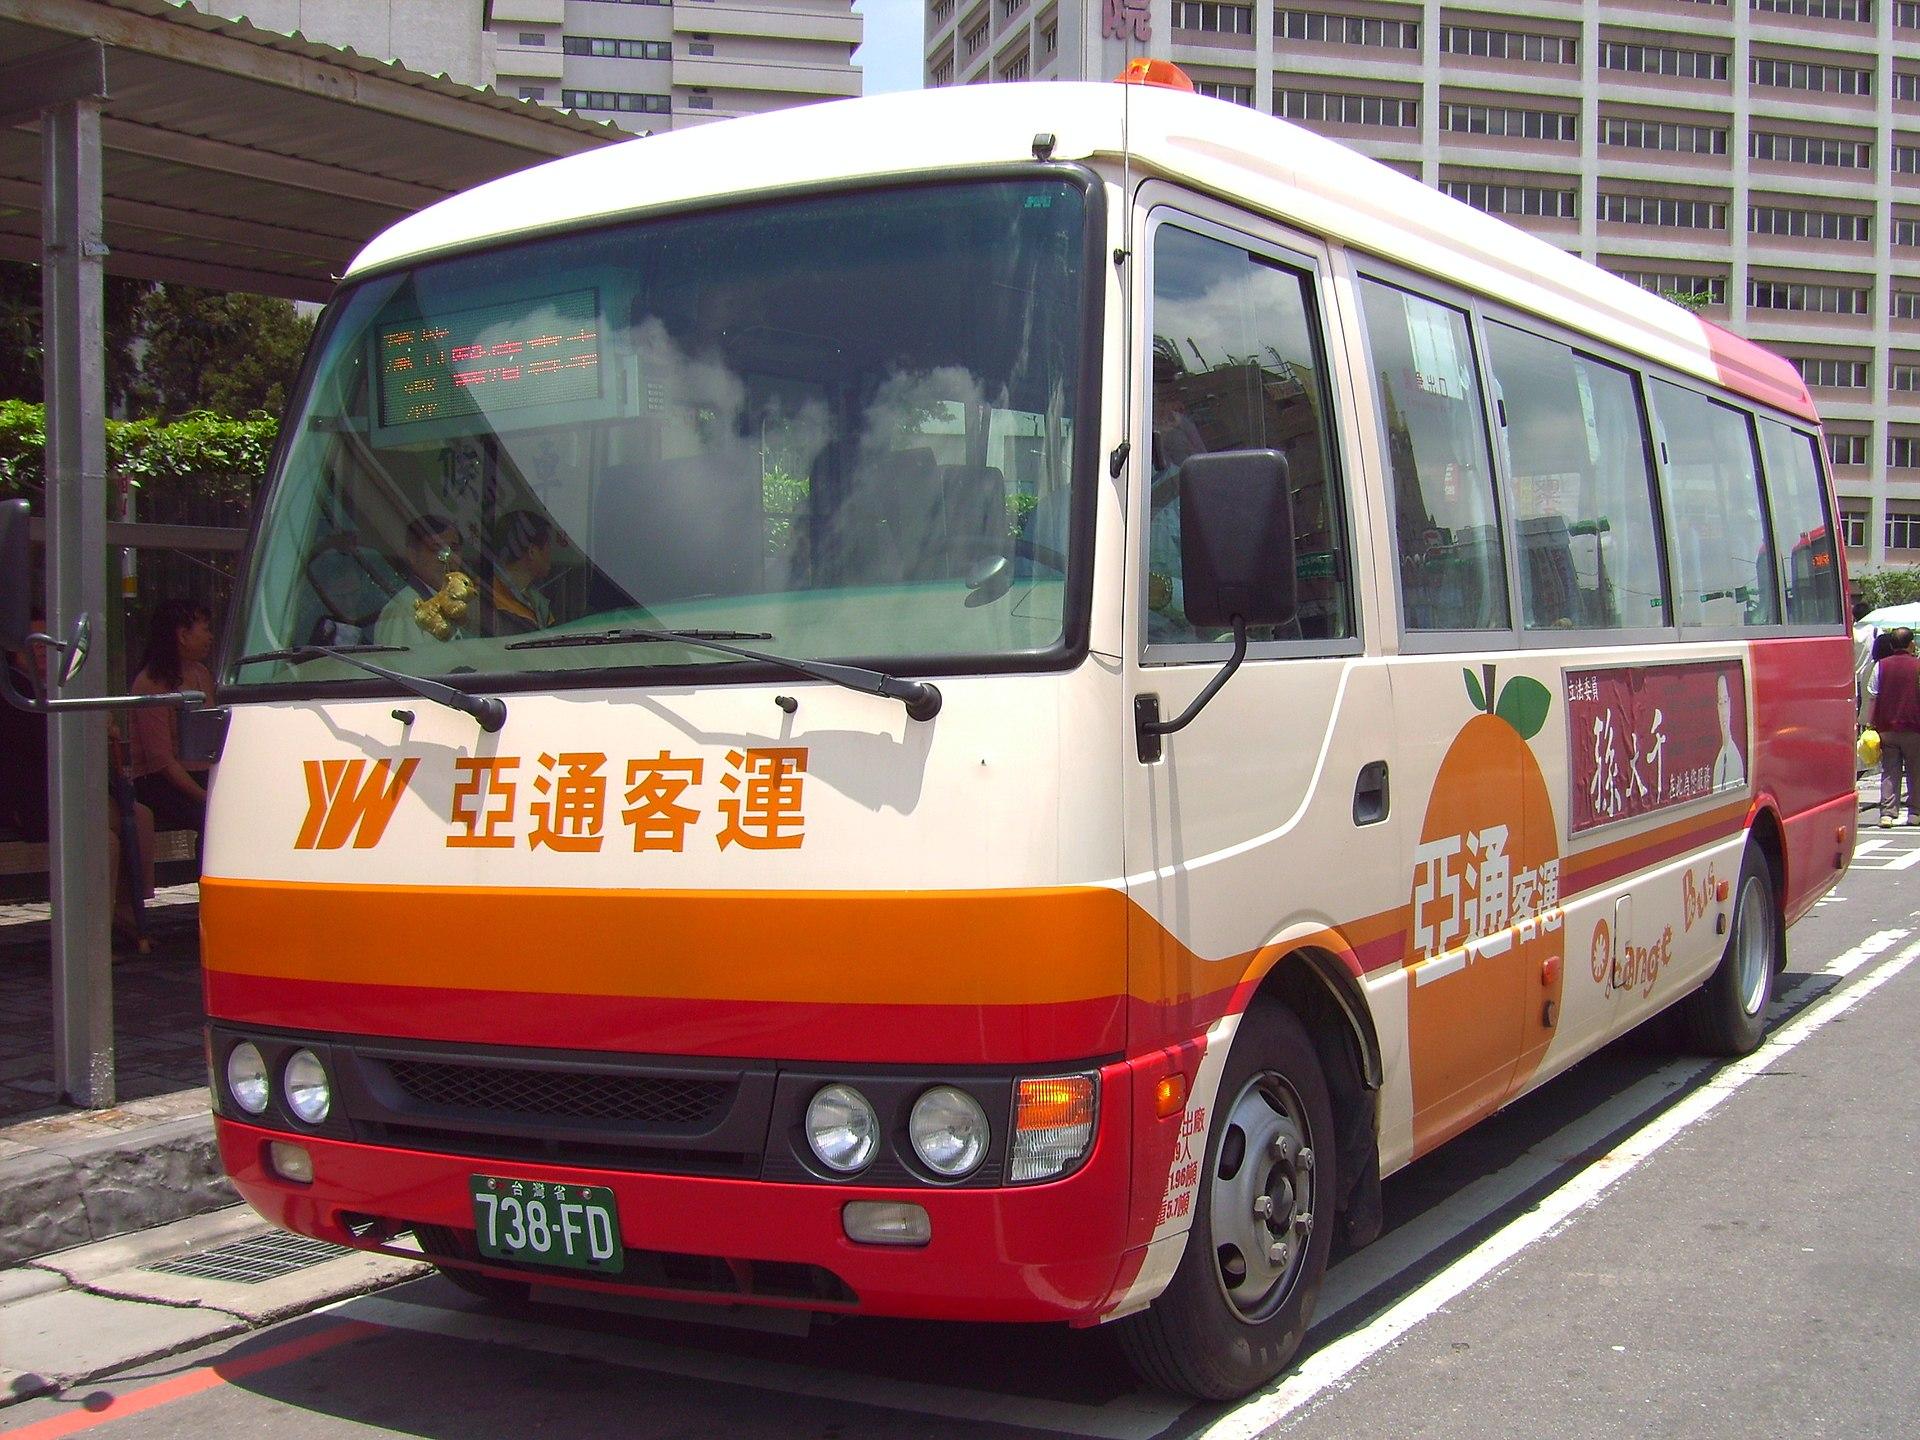 Toyota Of Orange >> 亞通客運 - 維基百科,自由的百科全書